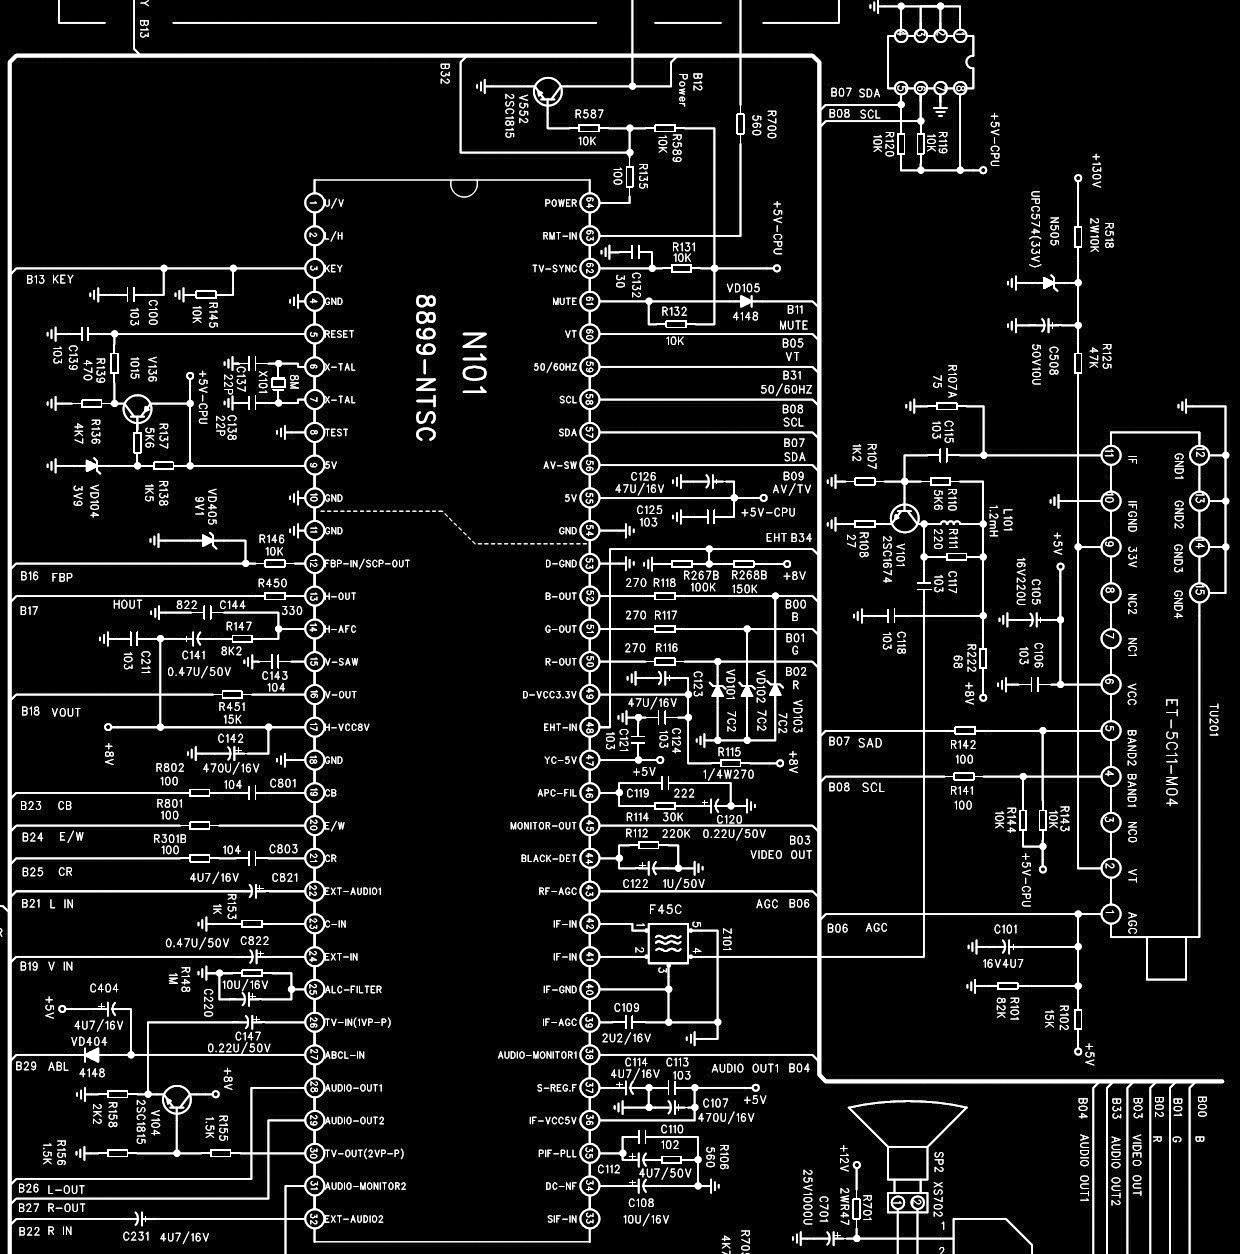 sansui tv circuit board diagram wiring diagram laptop circuit board diagram sansui tv circuit board diagram [ 1240 x 1254 Pixel ]